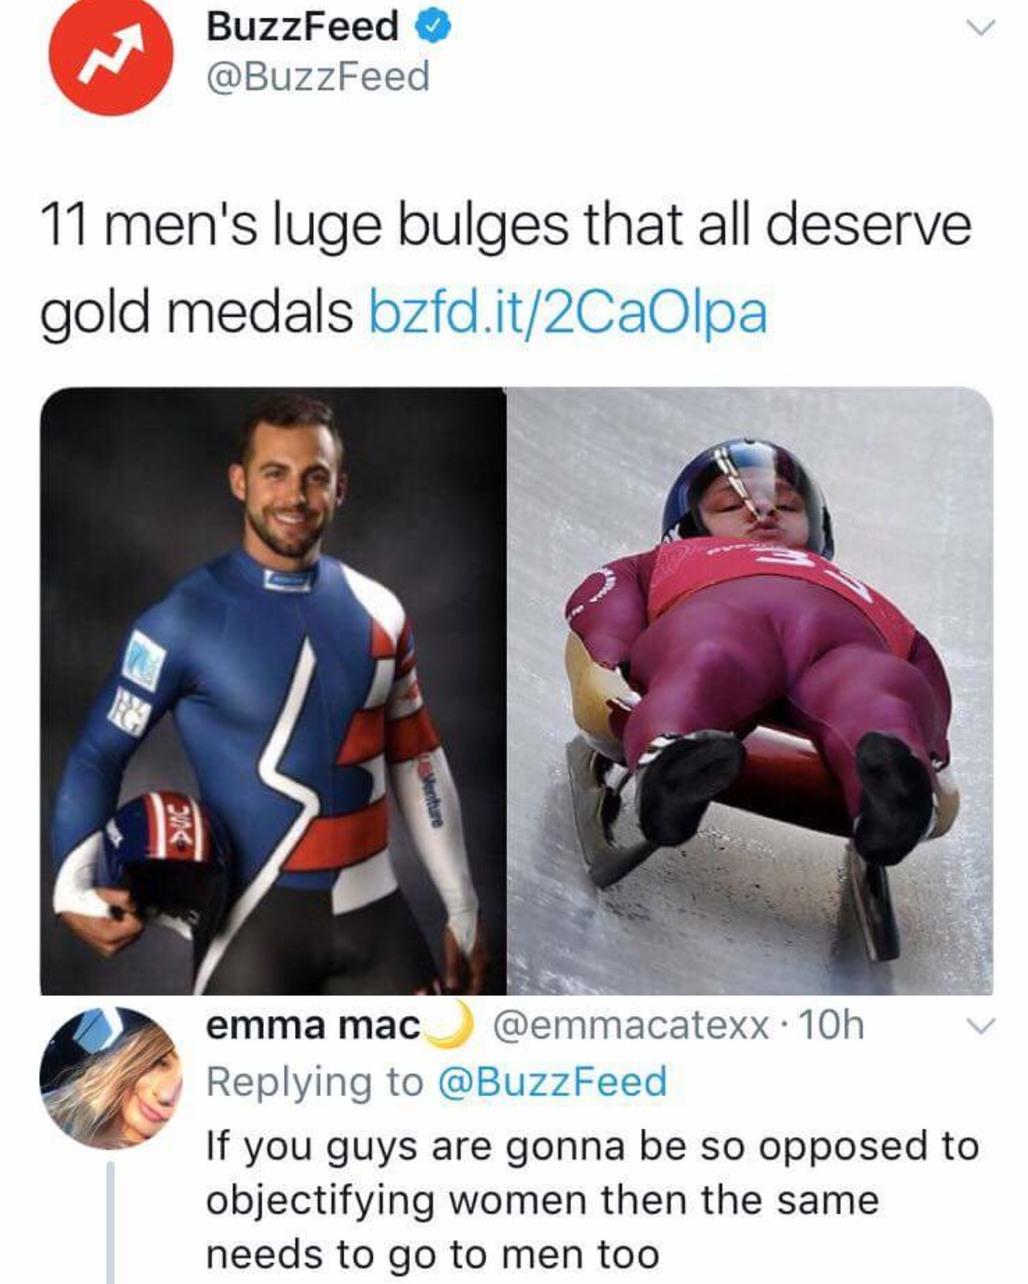 buzzfeed is sexist  - Meme by AvoR :) Memedroid